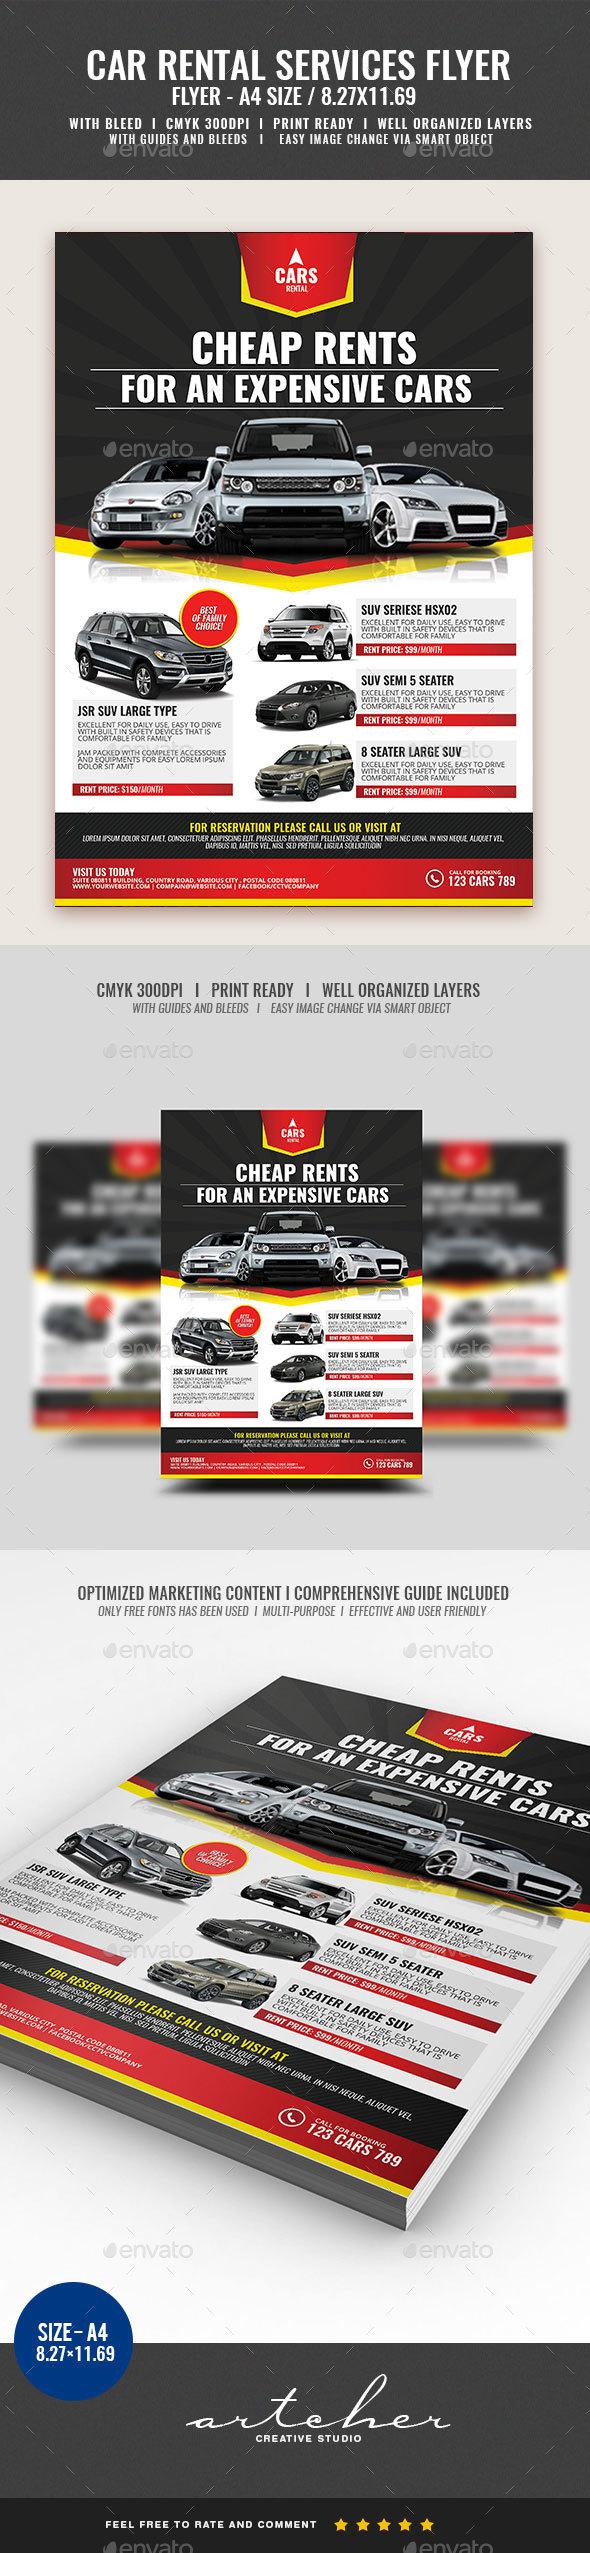 Car Rental Flyer - Commerce Flyers